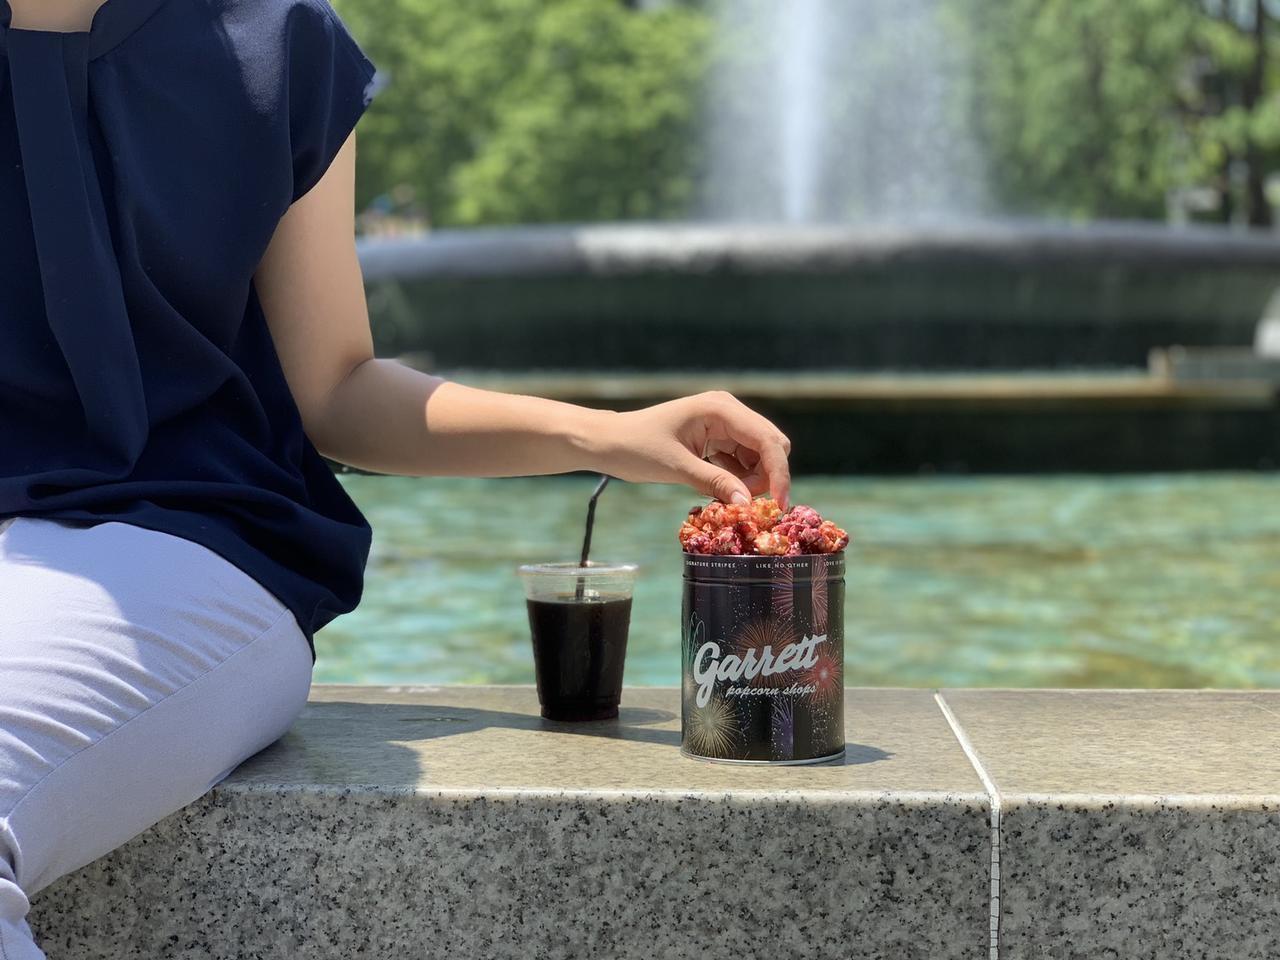 画像2: ギャレット ポップコーン新作、ベリーキャラメルが花火の缶に